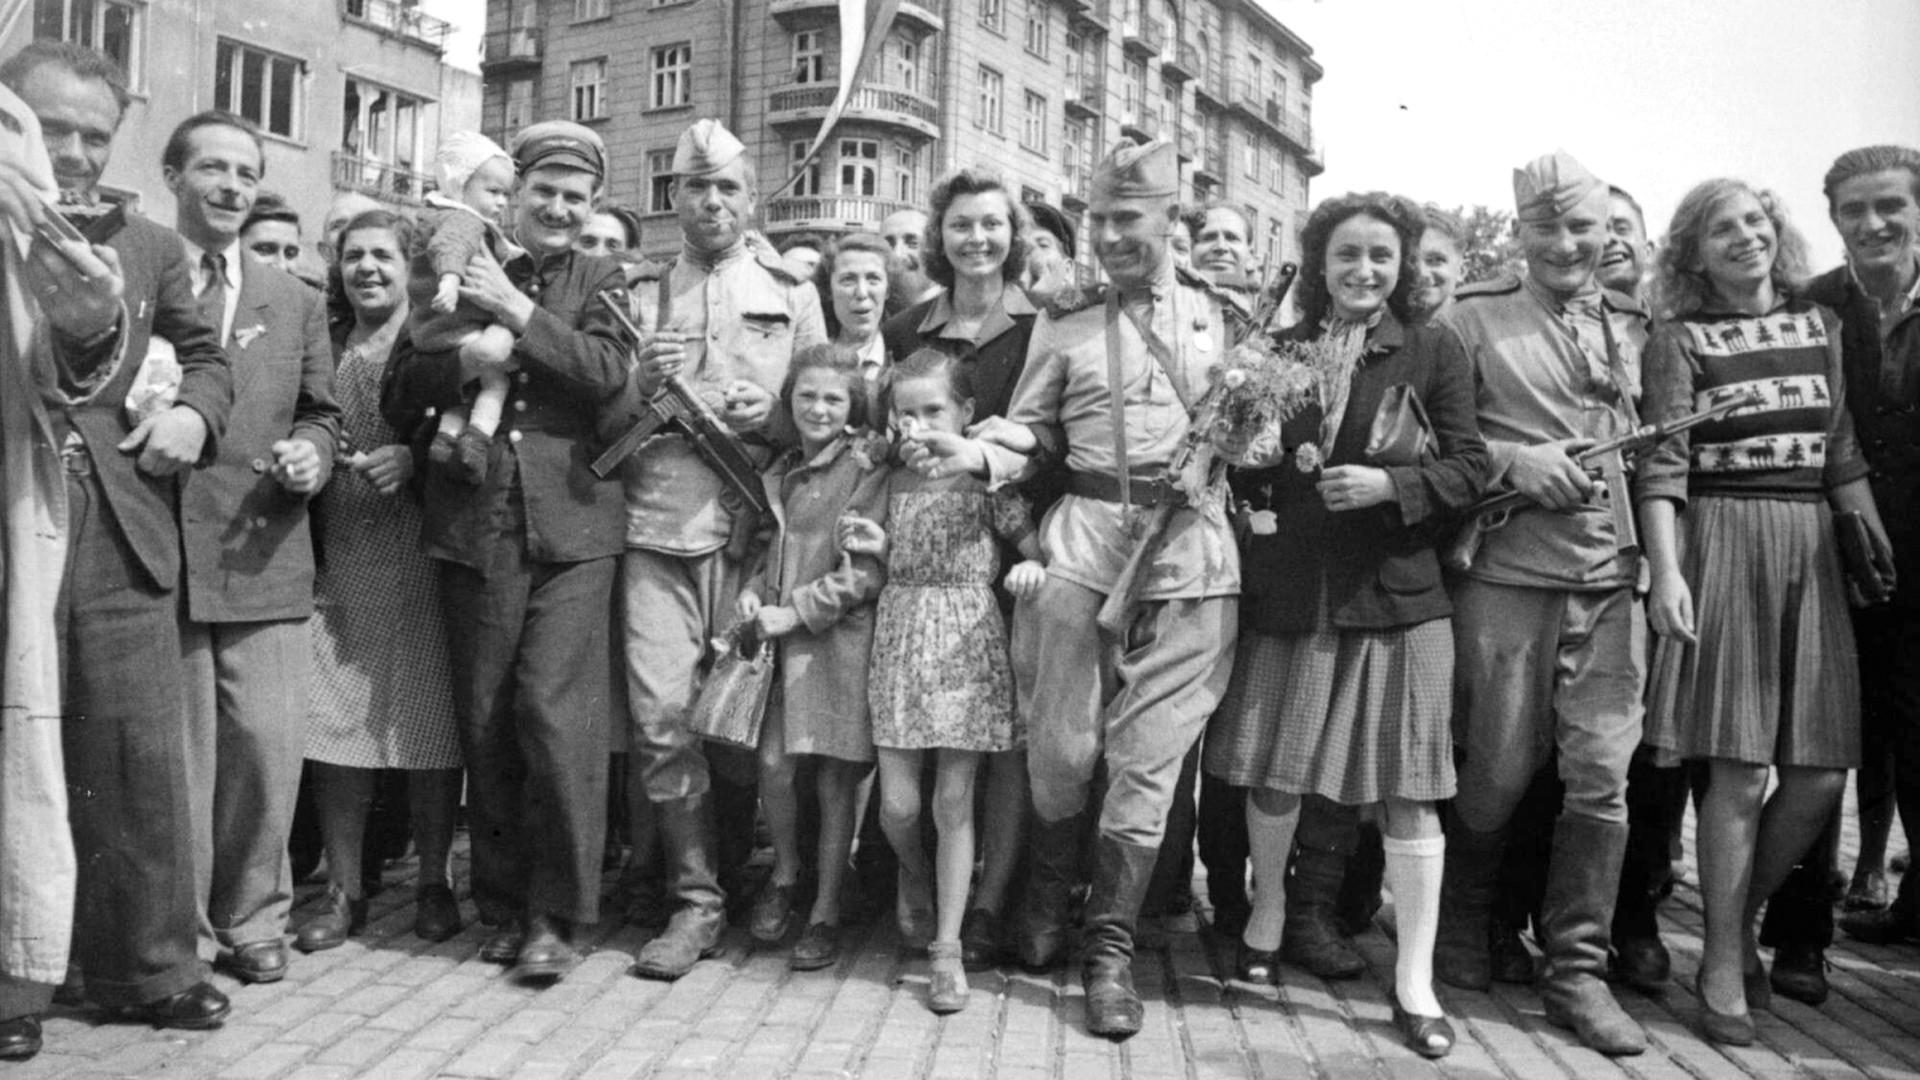 Des soldats de l'Armée rouge parmi les habitants de Sofia libérée